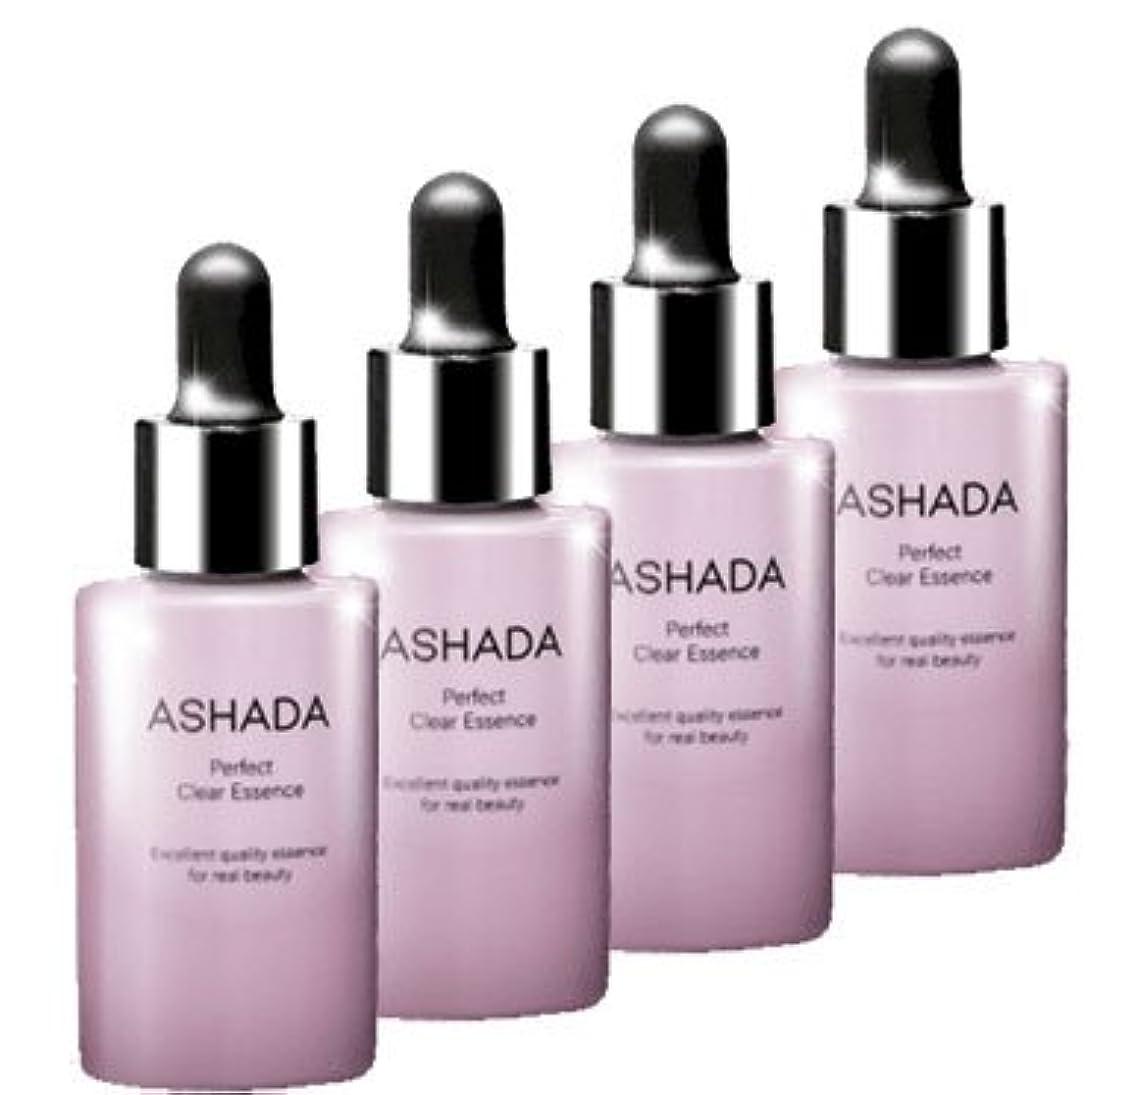 ASHADA-アスハダ- パーフェクトクリアエッセンス (GDF-11 配合 幹細胞 コスメ)【4個セット】